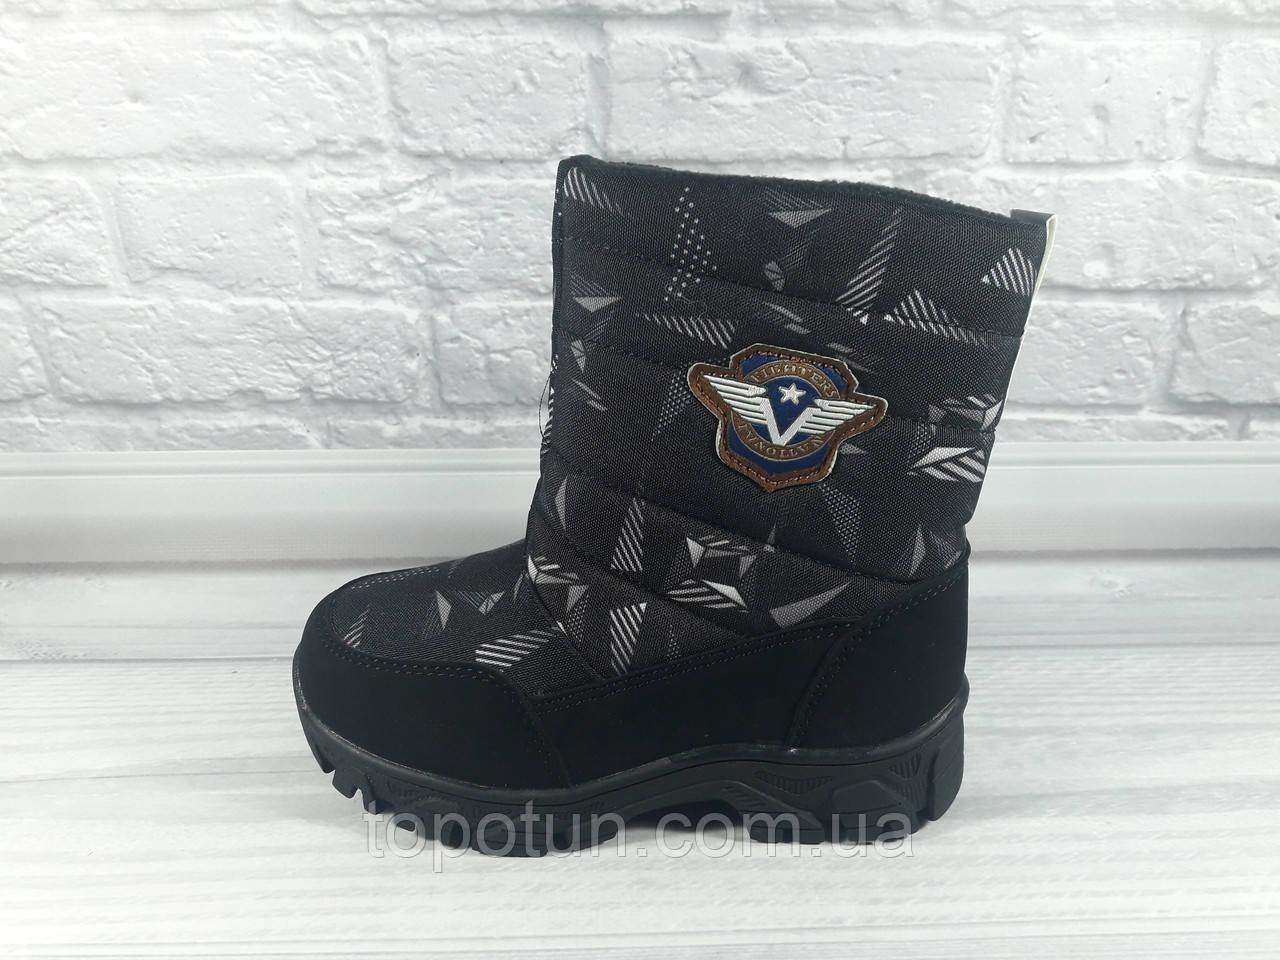 """Зимние ботинки для мальчика """"М.Мичи"""" Размер: 27,28,29,30,31,32"""